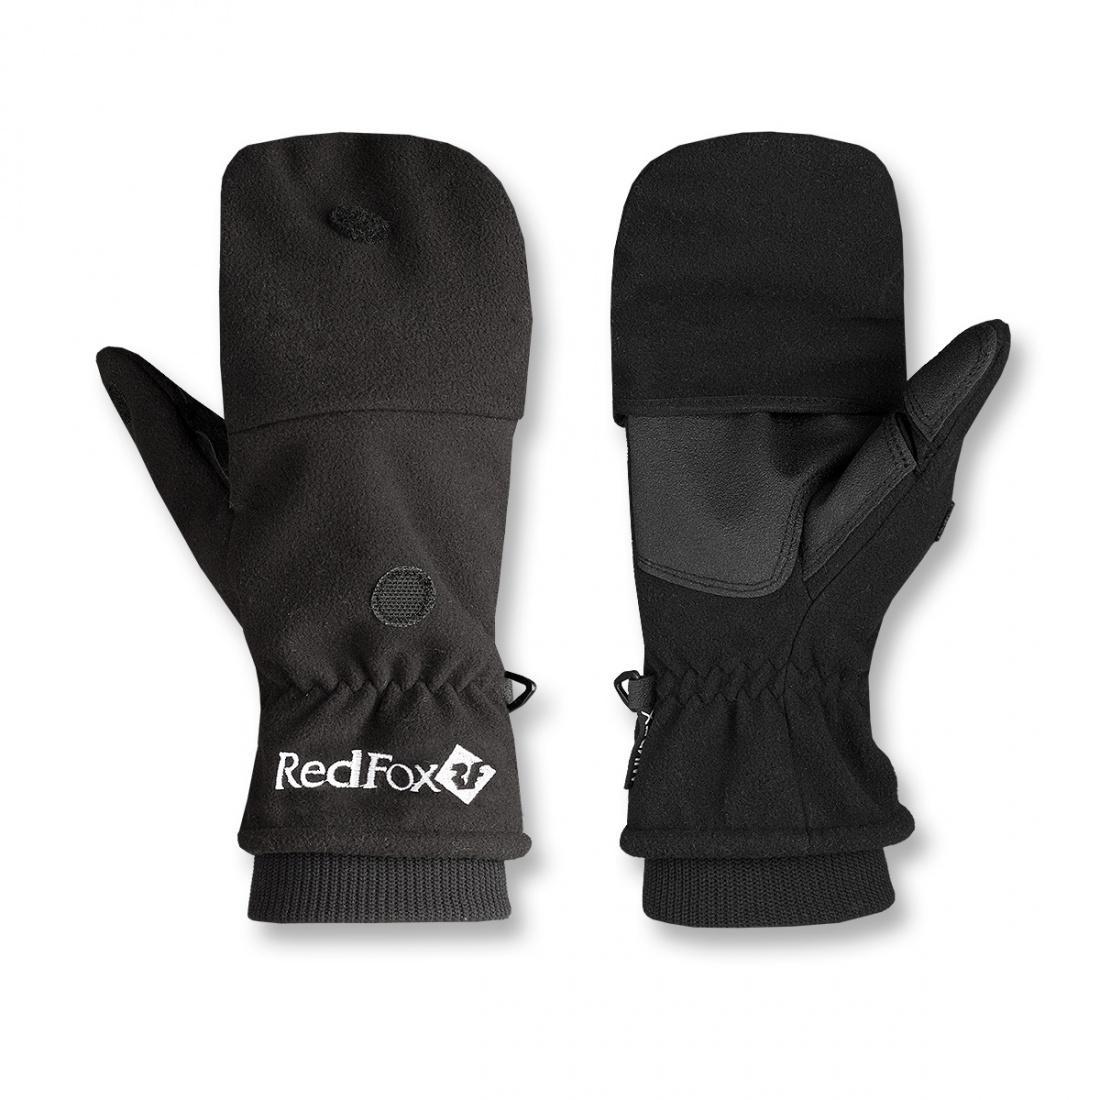 Перчатки TransmittenПерчатки<br><br> Перчатки-трансформеры с возможностью использования изделия с открытыми пальцами, а также в качестветеплых, непродуваемых рукавиц.<br><br><br> Основные характеристики:<br><br><br><br><br>комфортная регулировка ладони, позволяющая транс...<br><br>Цвет: Черный<br>Размер: M